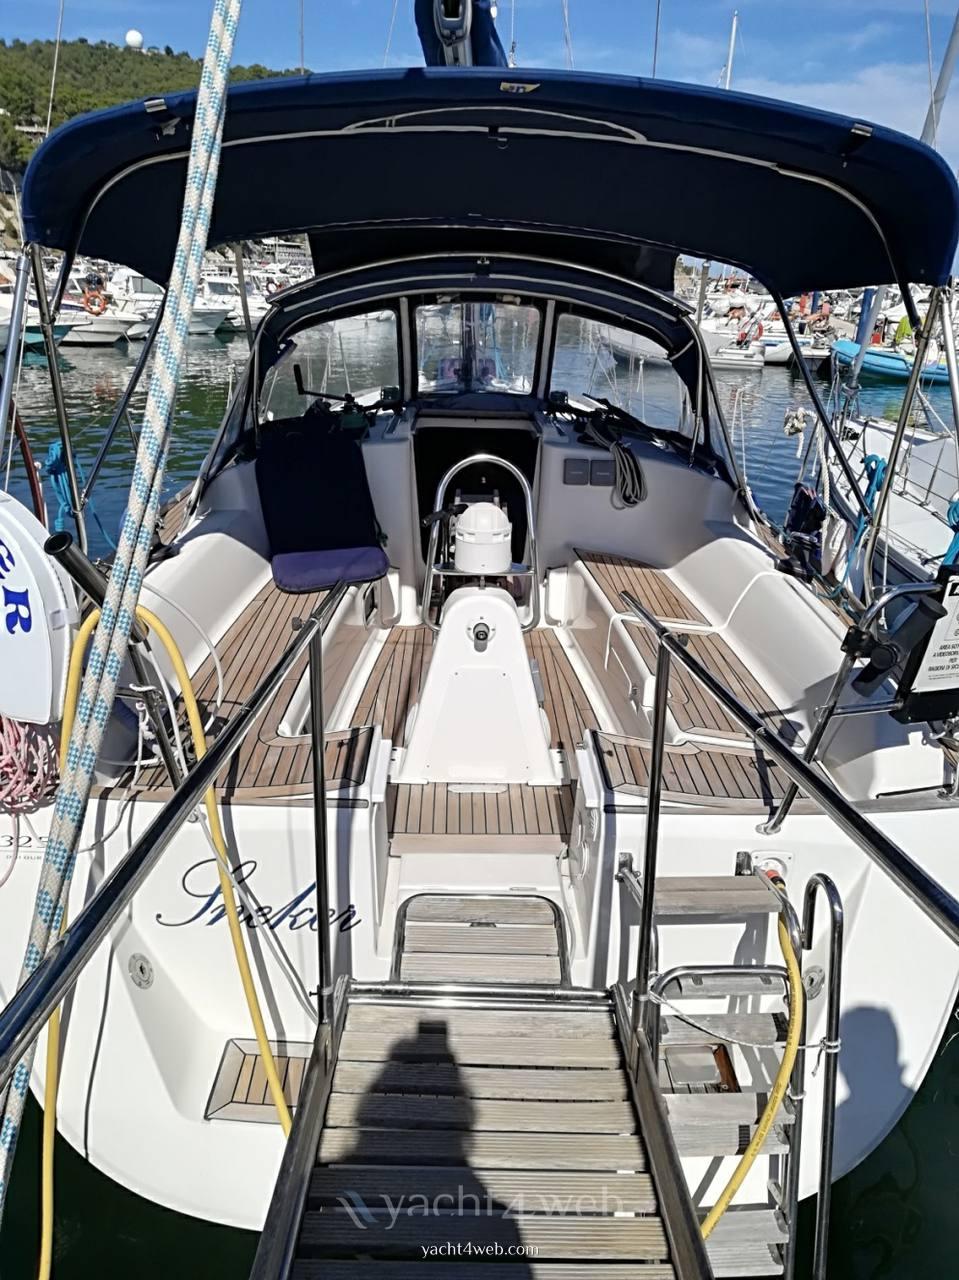 DUFOUR 325 gran large Barco à vela usado para venda